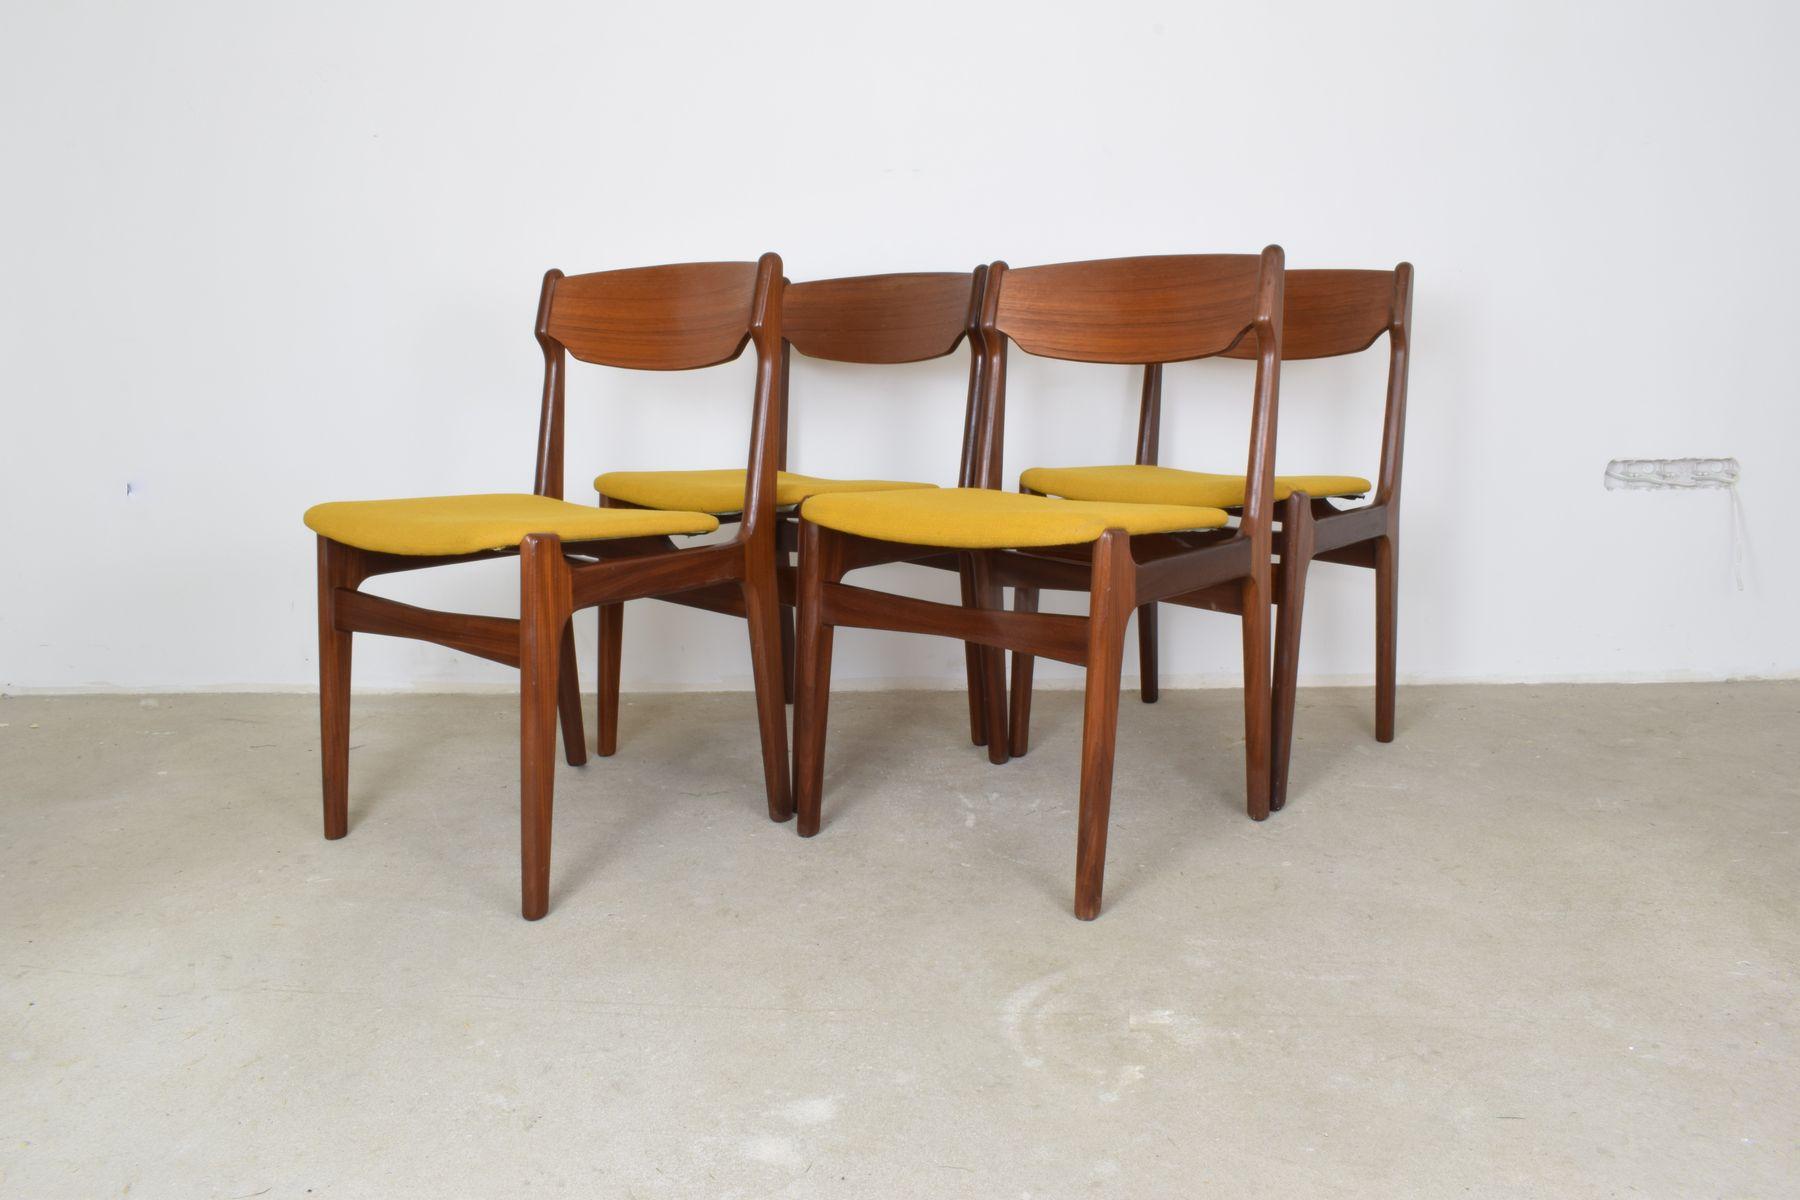 vintage teak esszimmerst hle 4er set bei pamono kaufen. Black Bedroom Furniture Sets. Home Design Ideas